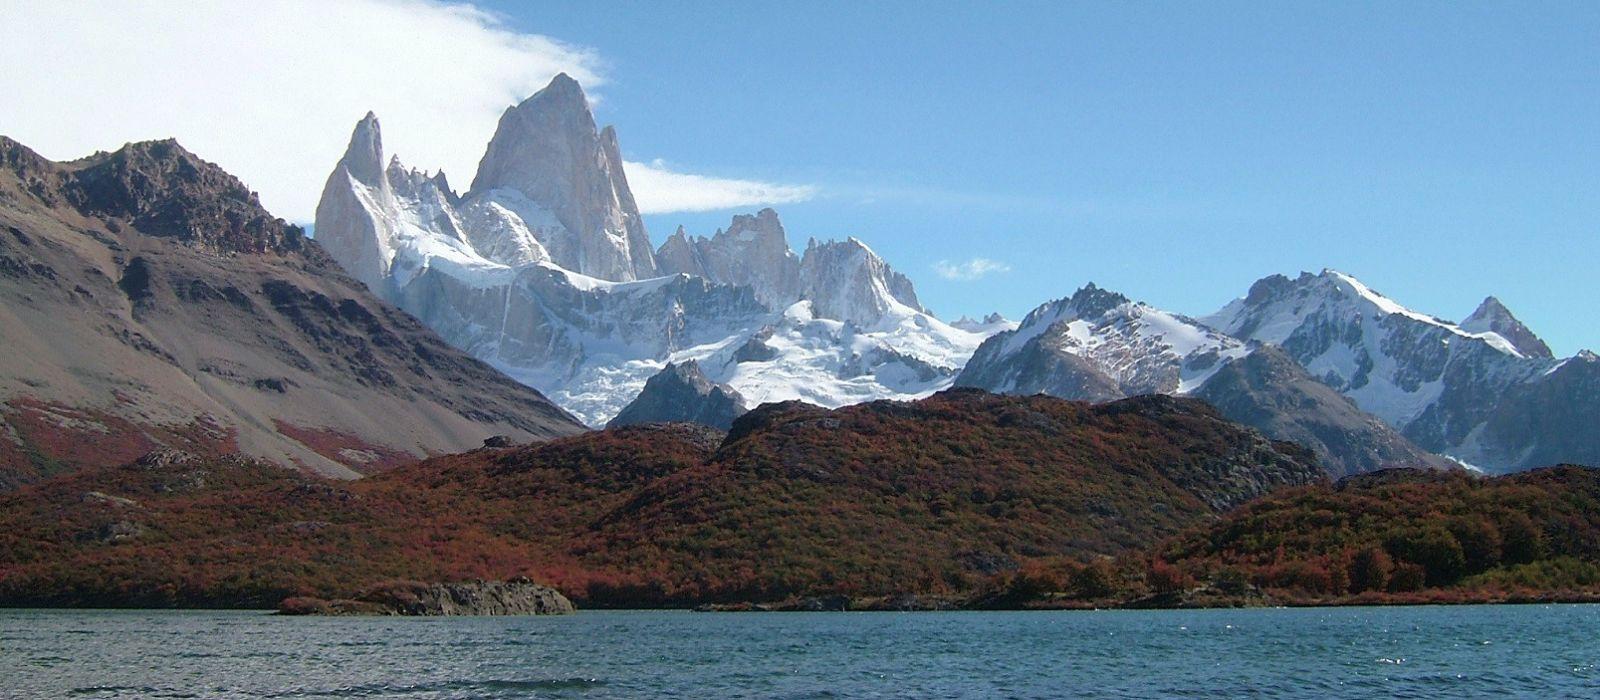 Hotel Refugio Lago Condor Argentina